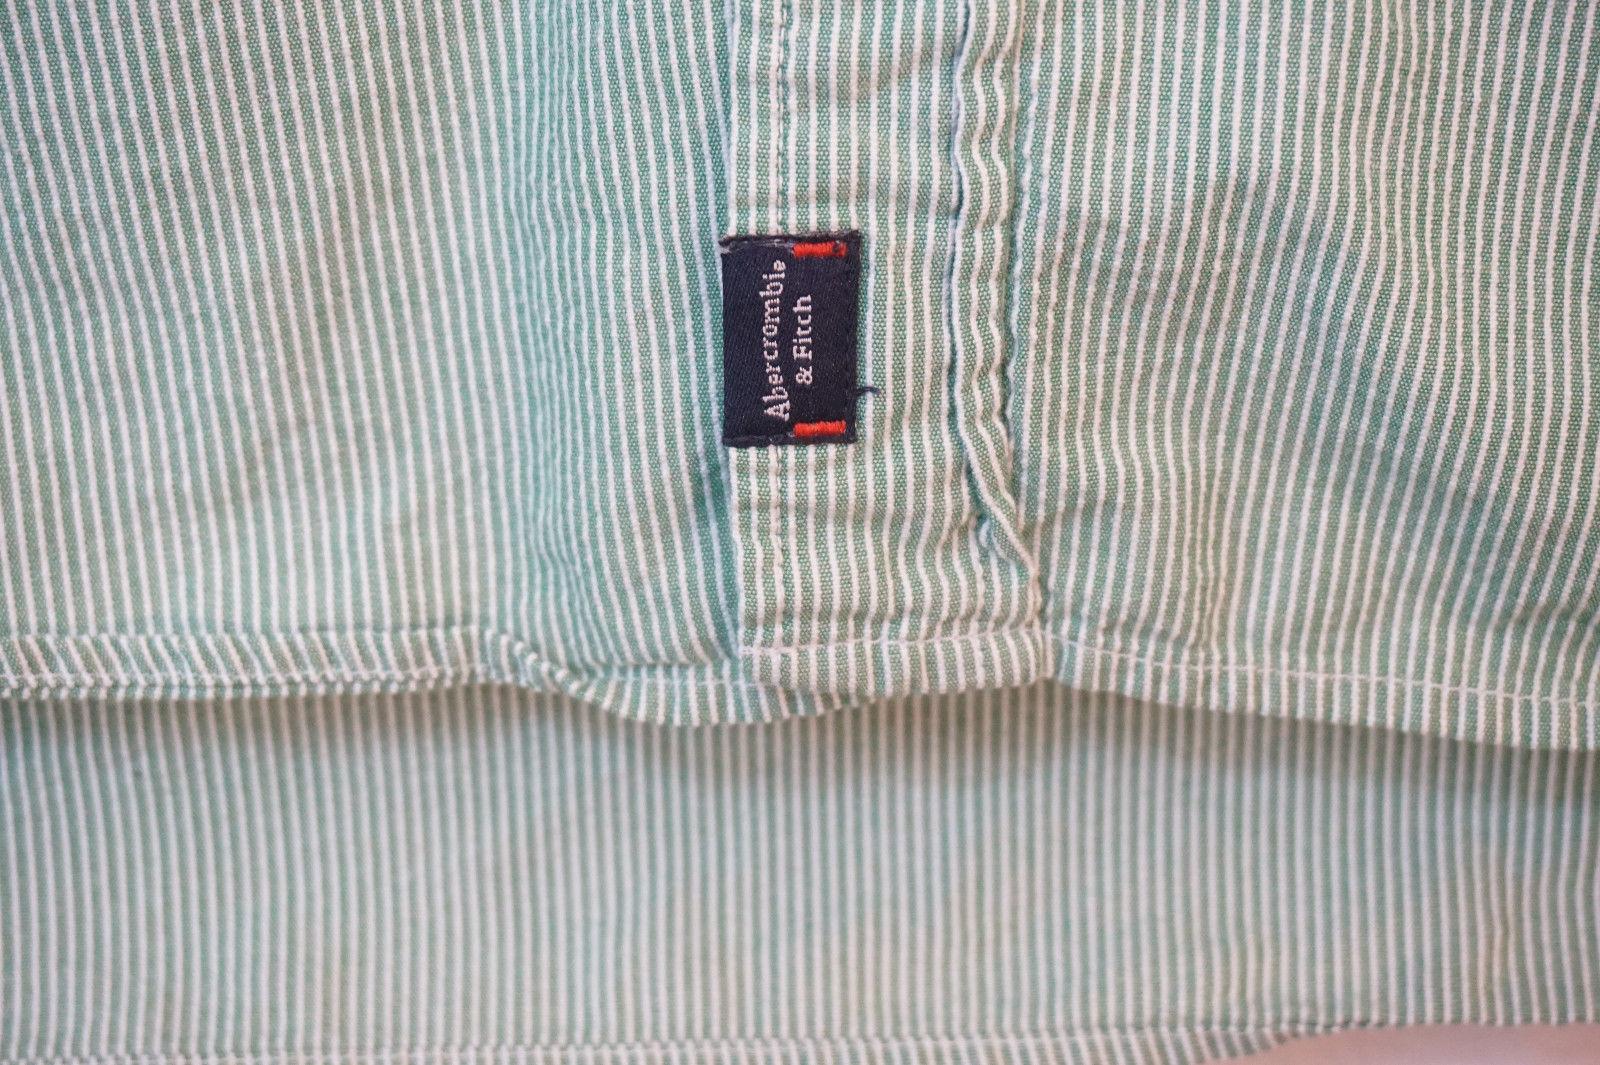 Abercrombie Midweight Pinstriped Short Sleeve Button-Front Shirt, Men's XL 8574